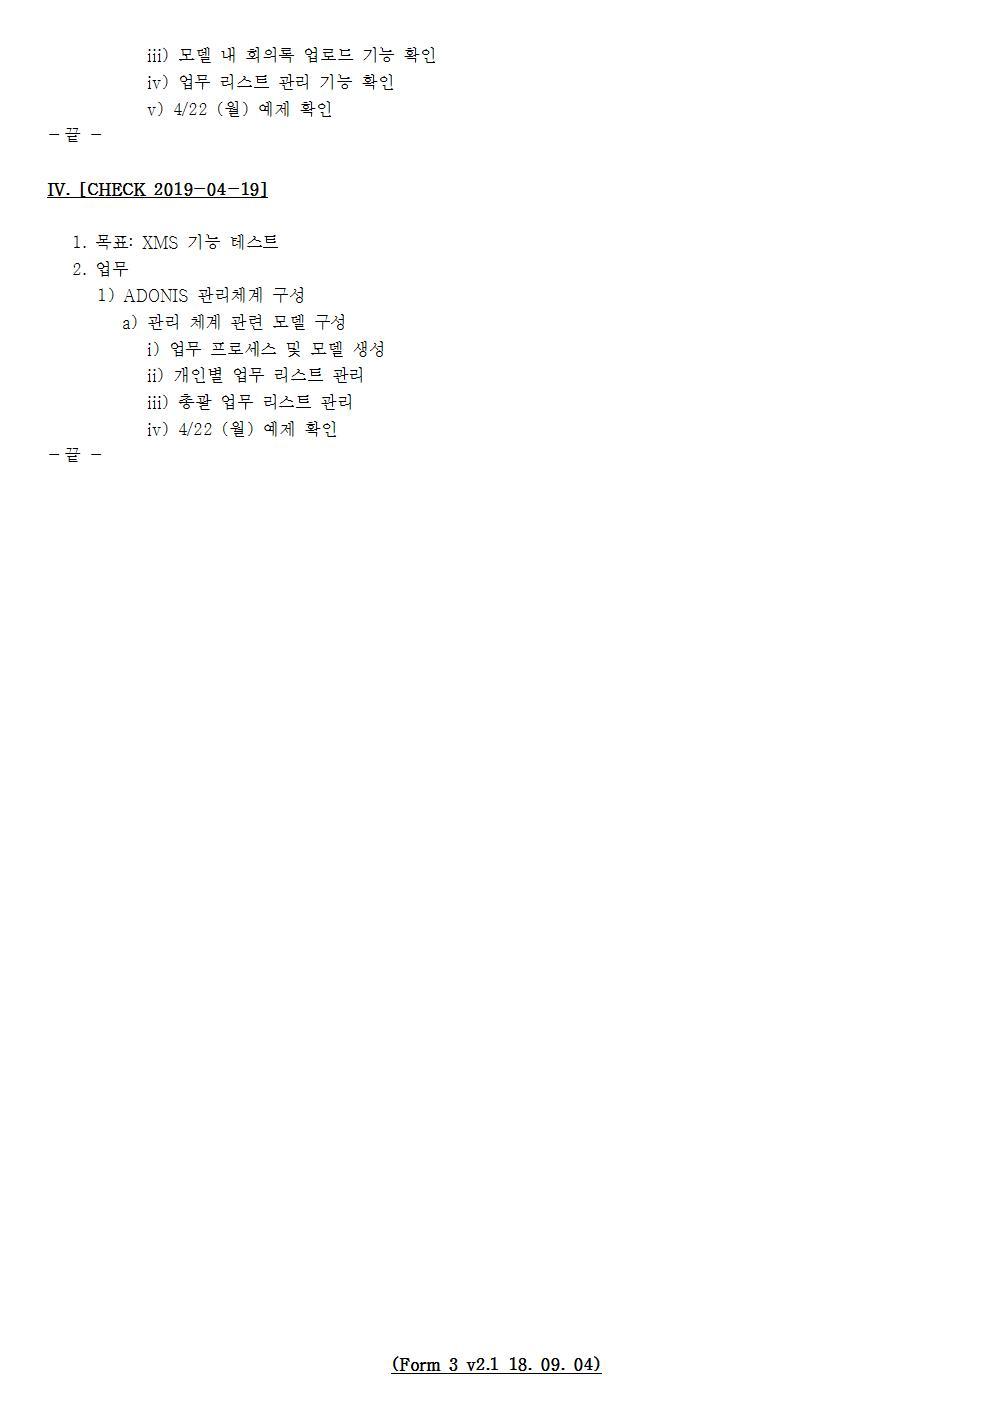 D-[19-027-RC-05]-[XMS]-[2019-04-19][YB]002.jpg